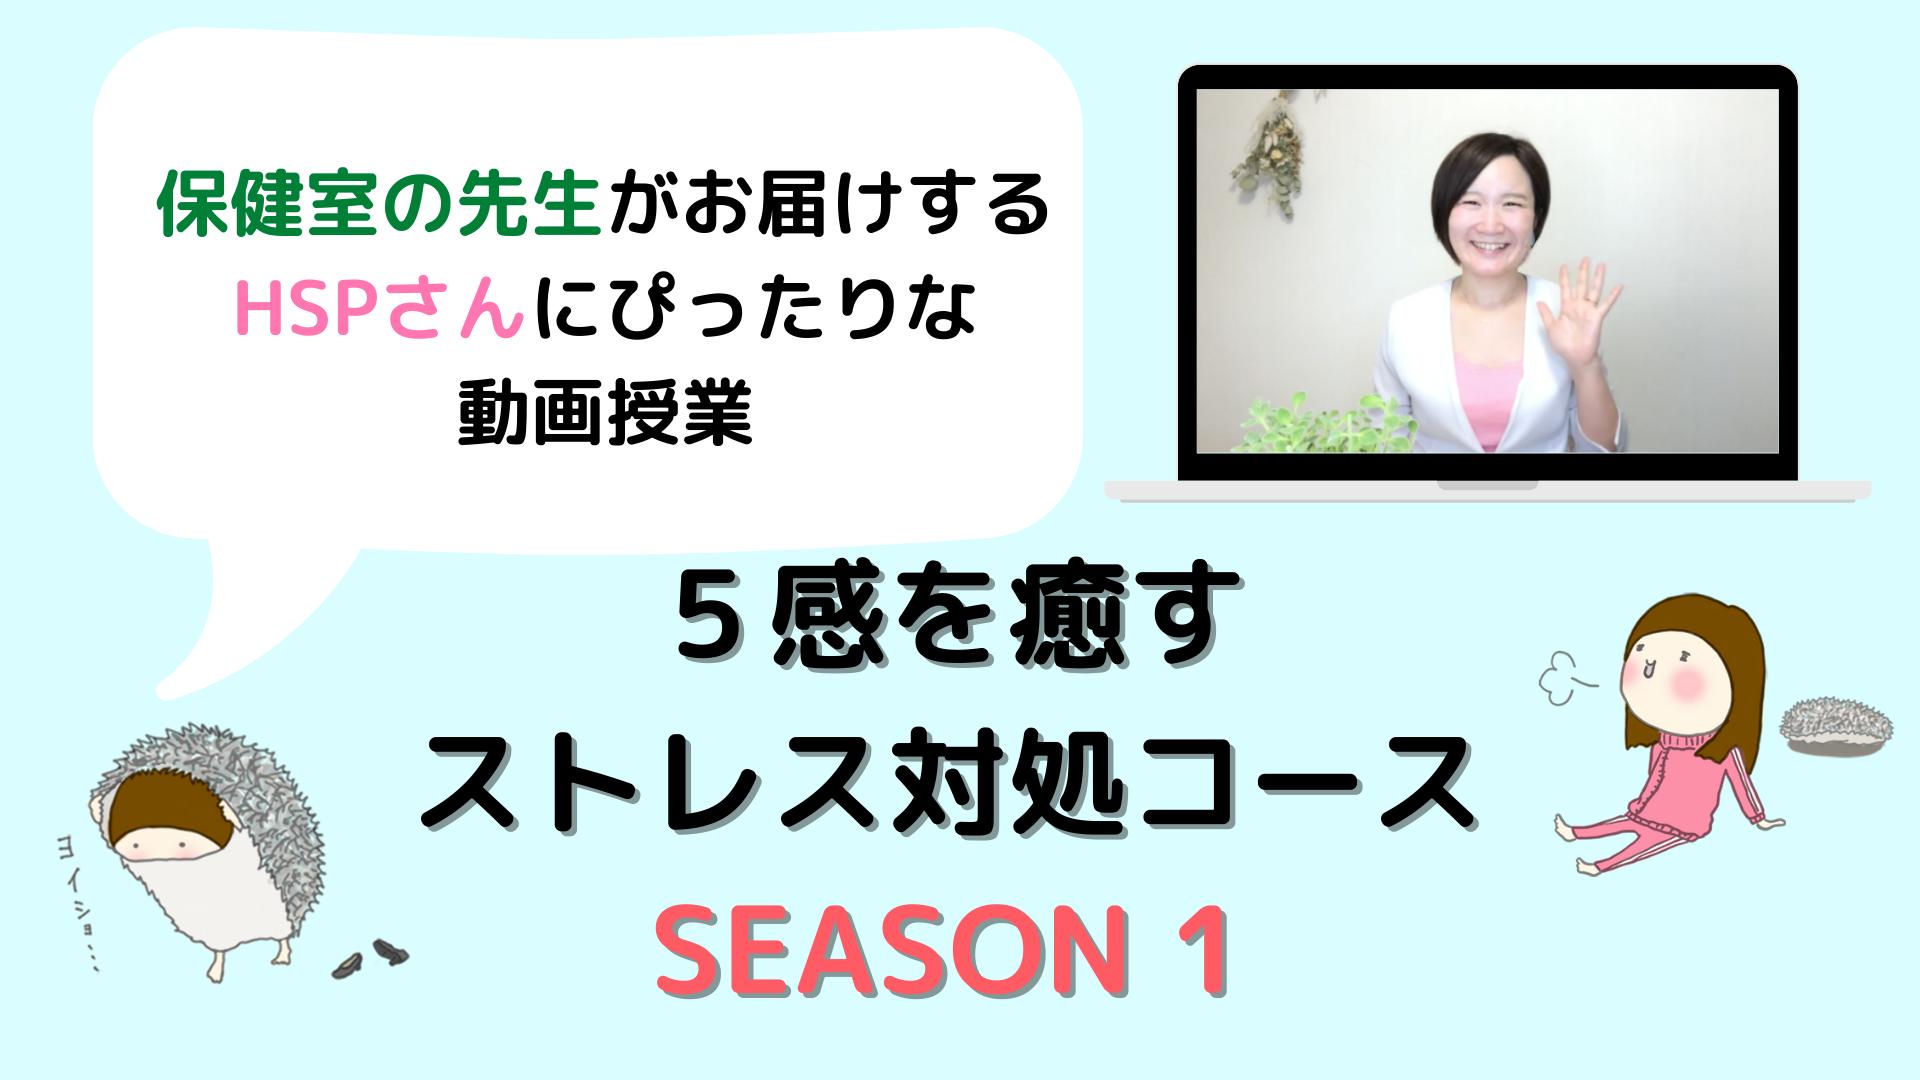 【HSPさんにもピッタリ!5感を癒すストレス対処コース】season1